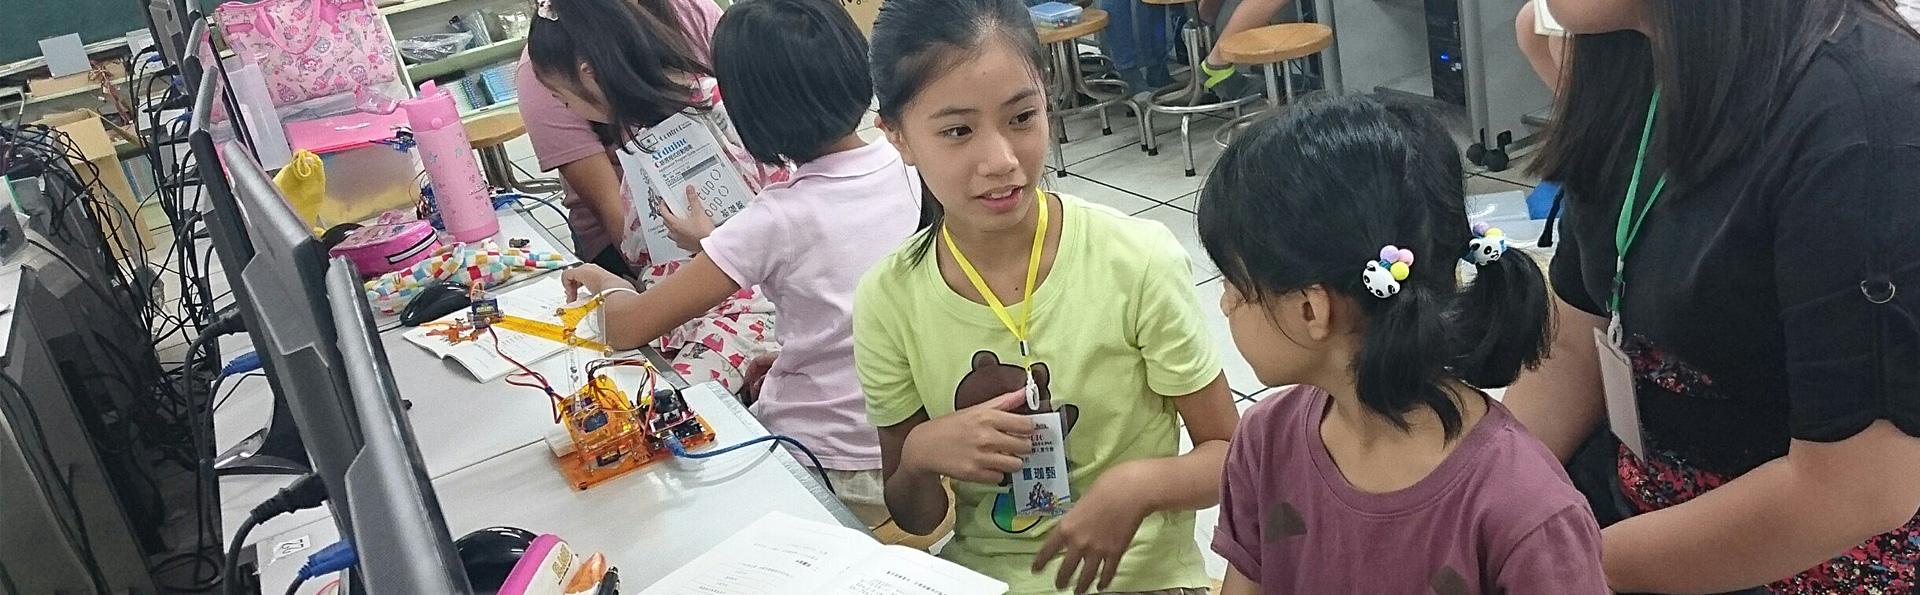 孩子們用自己的語言互相學習